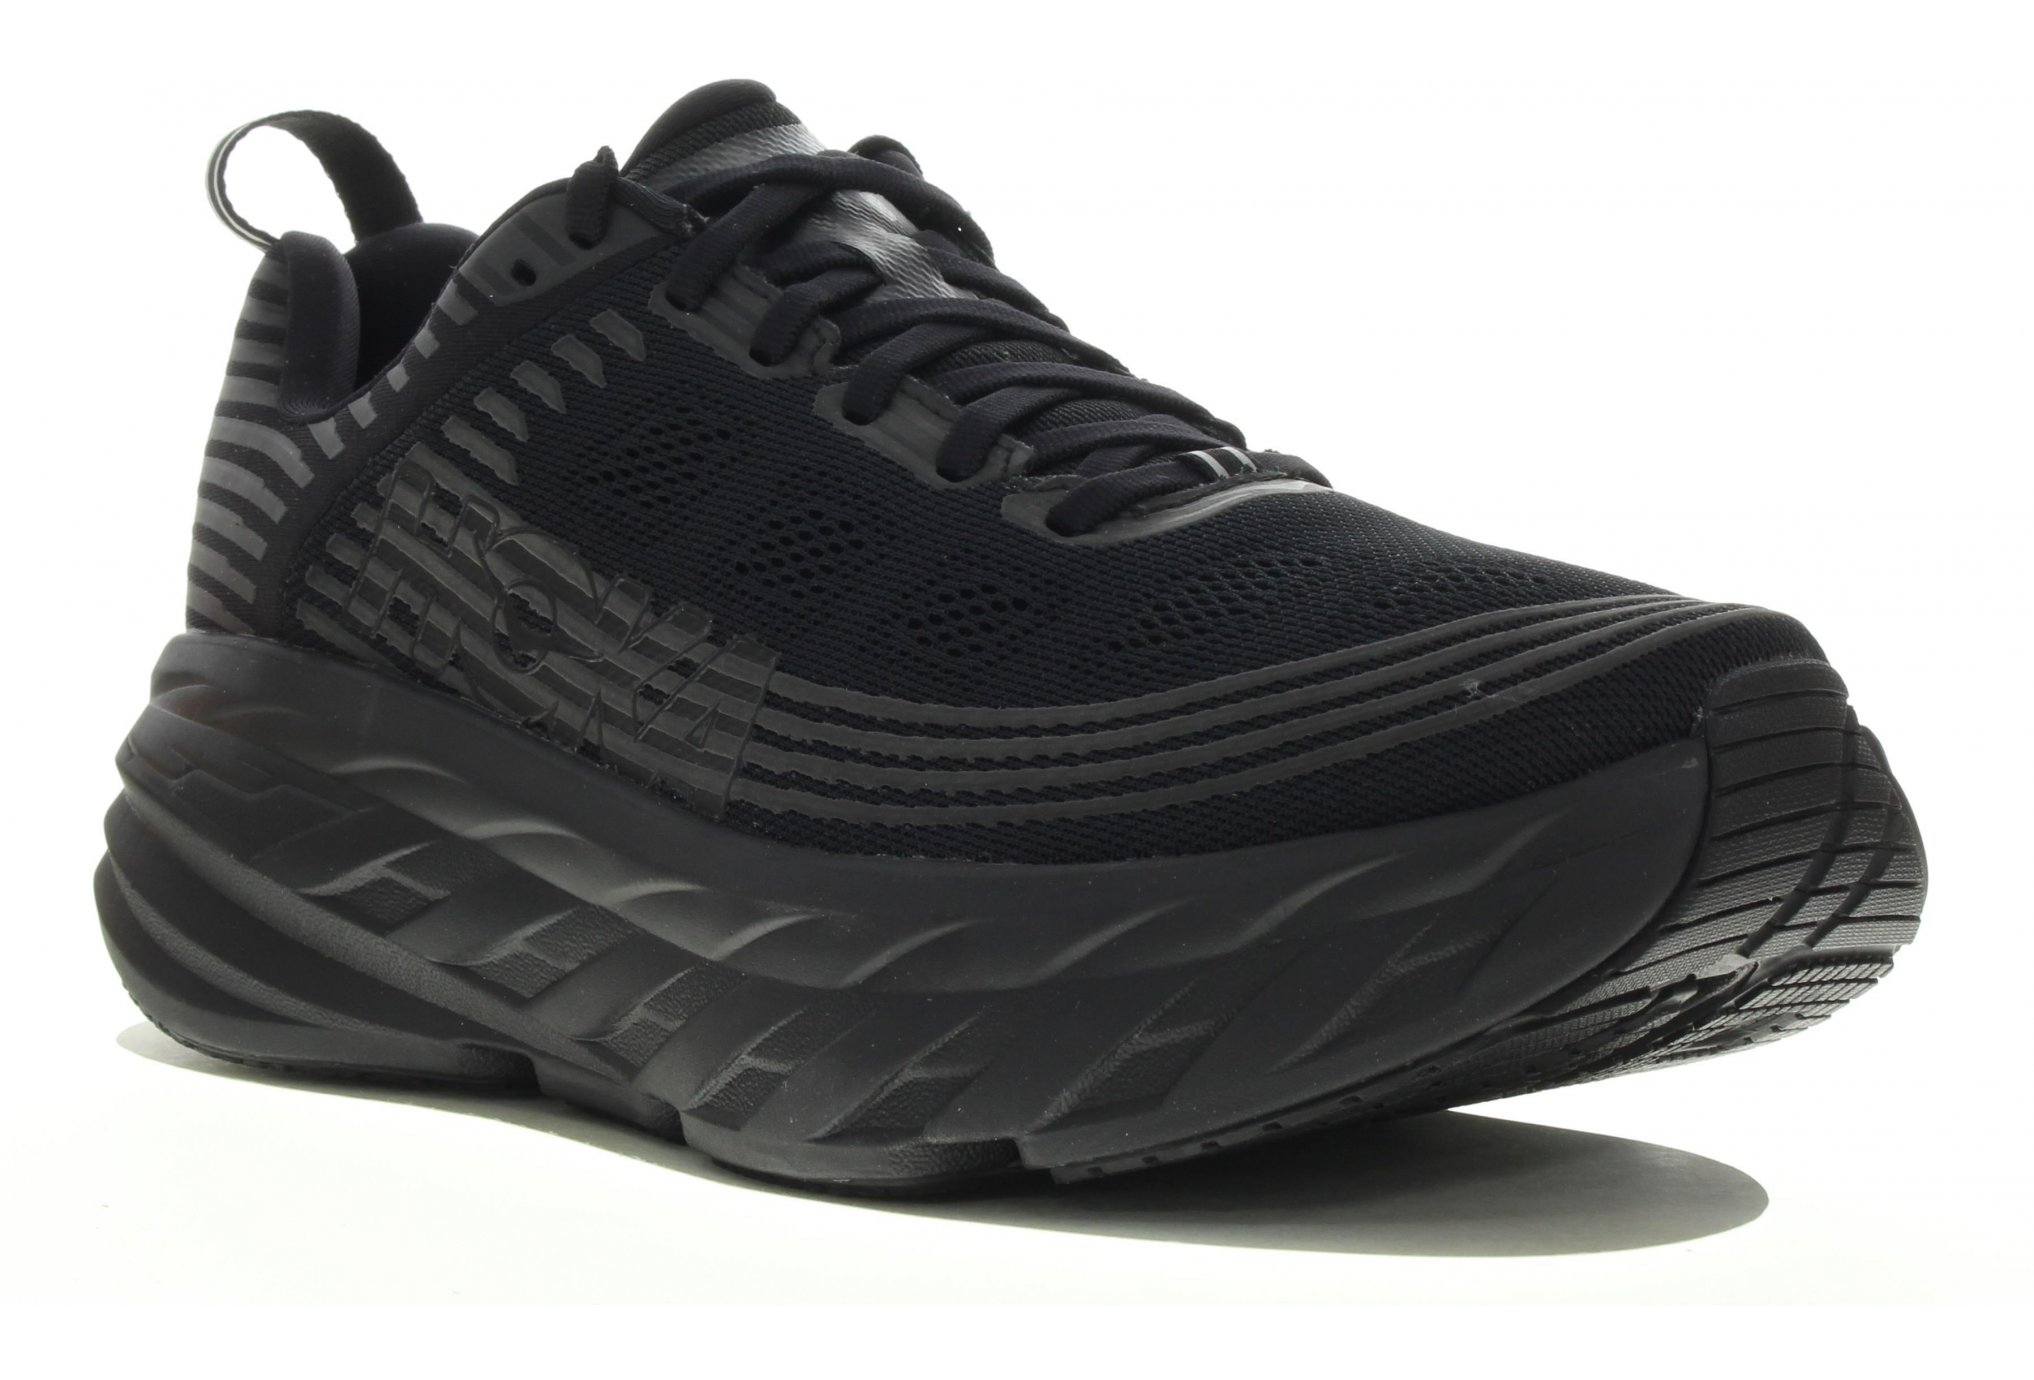 Hoka One One Bondi 6 Wide Chaussures running femme